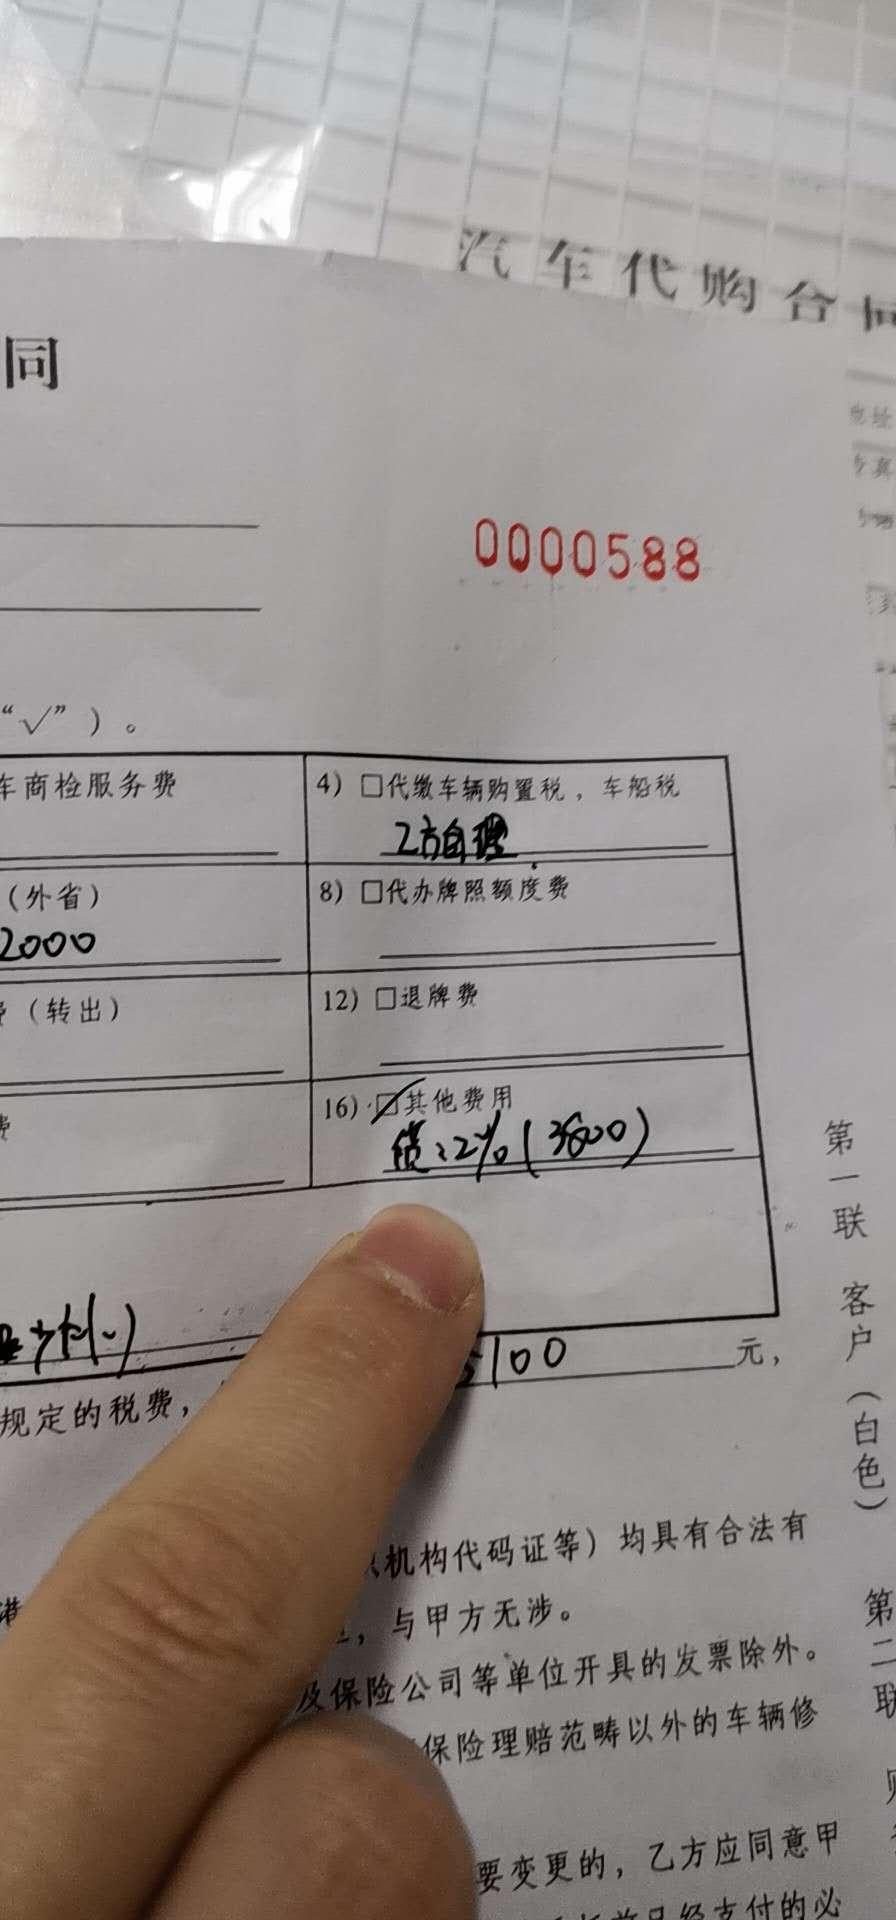 大众-辉昂 上海万途汽车贸易有限公司以欺骗手段诱导消费者签订汽车代购合同